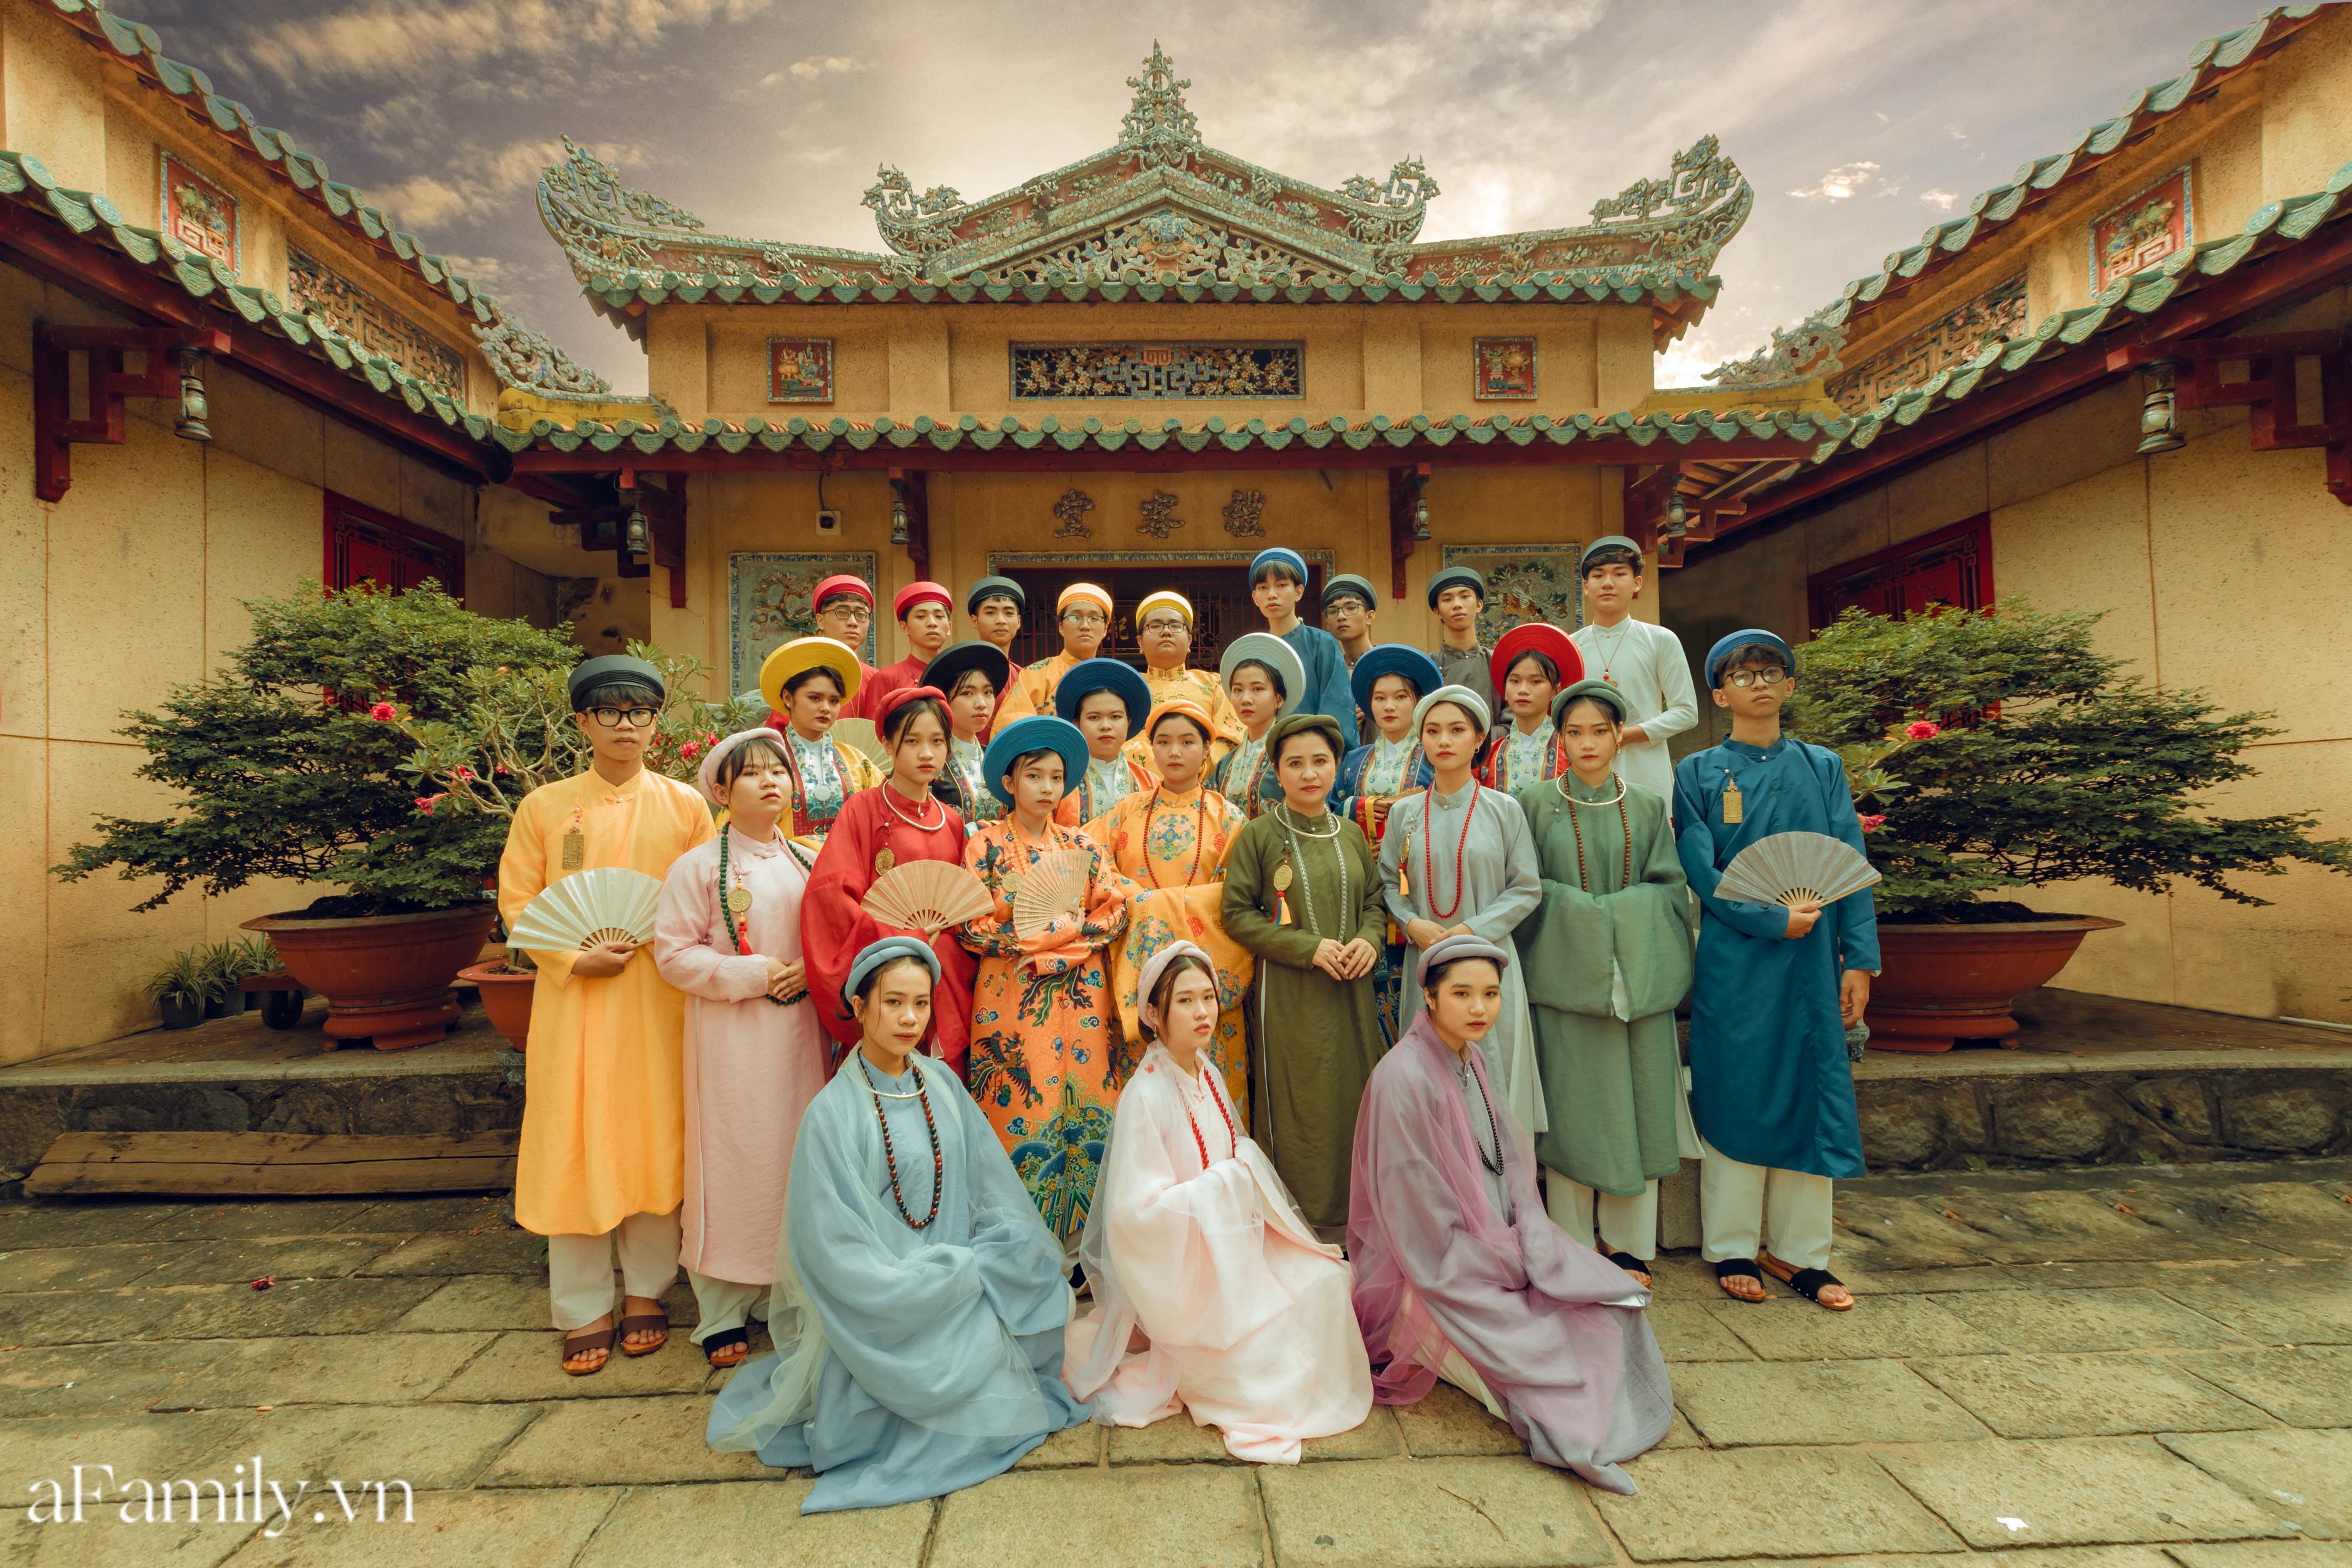 """Nhóm học sinh cấp 3 tìm về nét đẹp truyền thống, diện nguyên dàn cổ phục Việt chụp ảnh kỷ yếu, nhanh chóng thành tạo """"hot trend"""" trên mạng xã hội - Ảnh 7."""